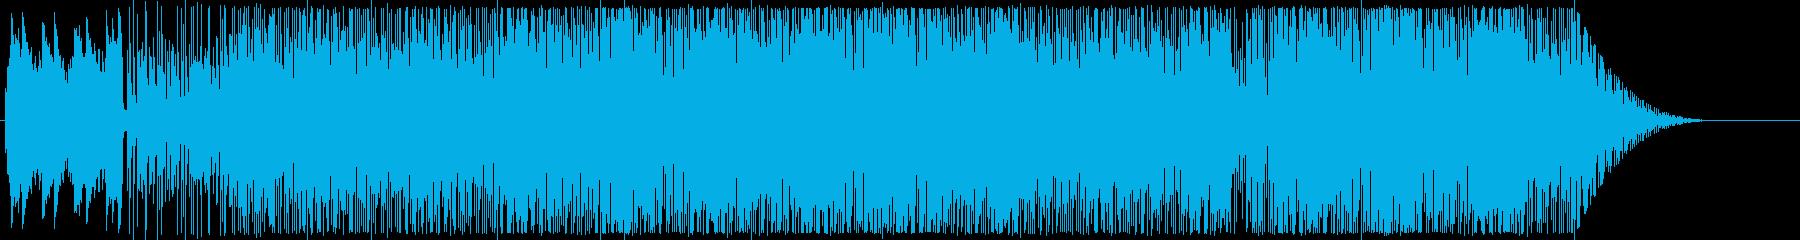 サンバっぽい雰囲気のインストの再生済みの波形